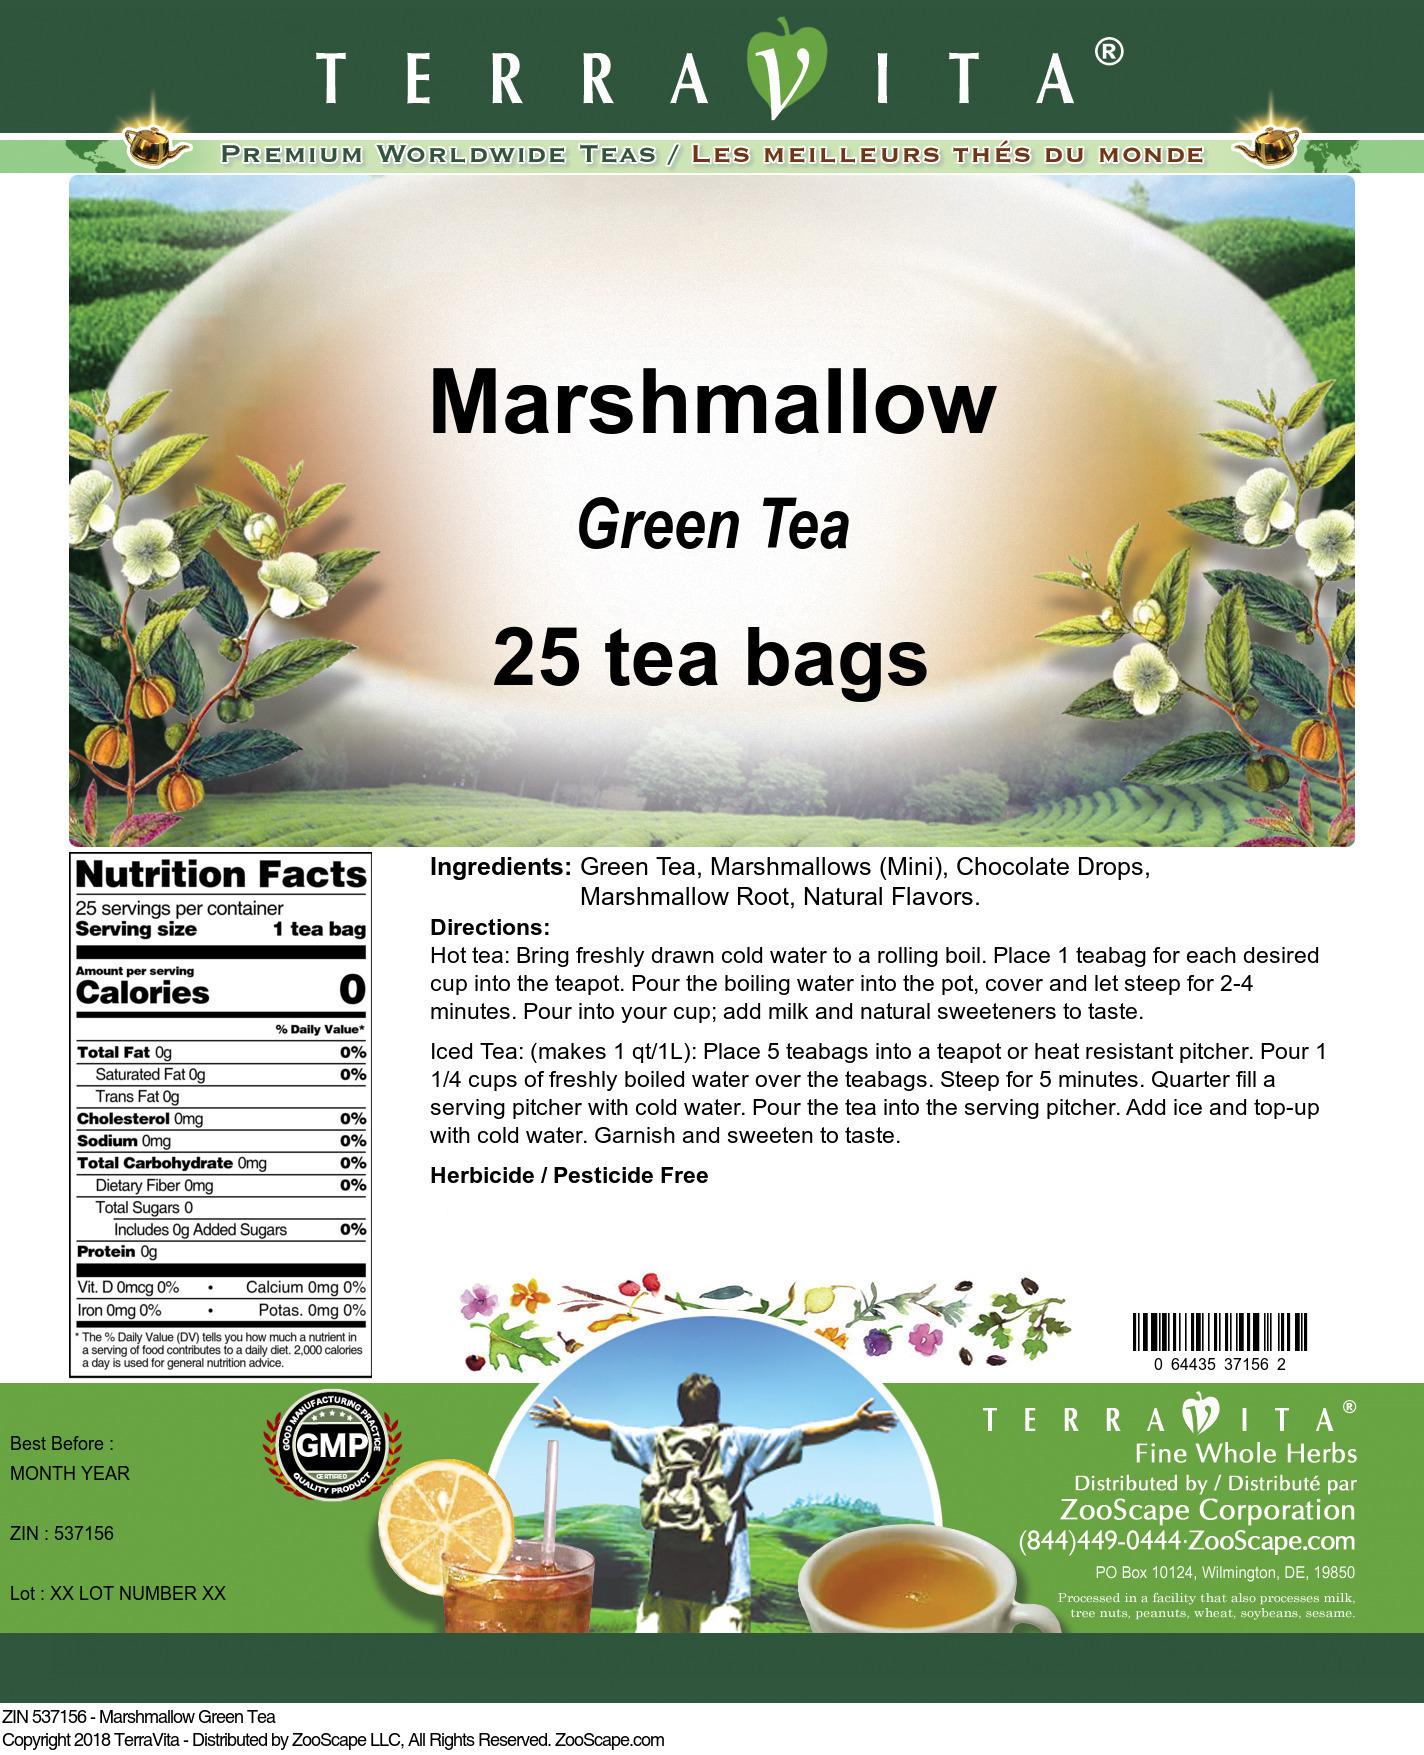 Marshmallow Green Tea